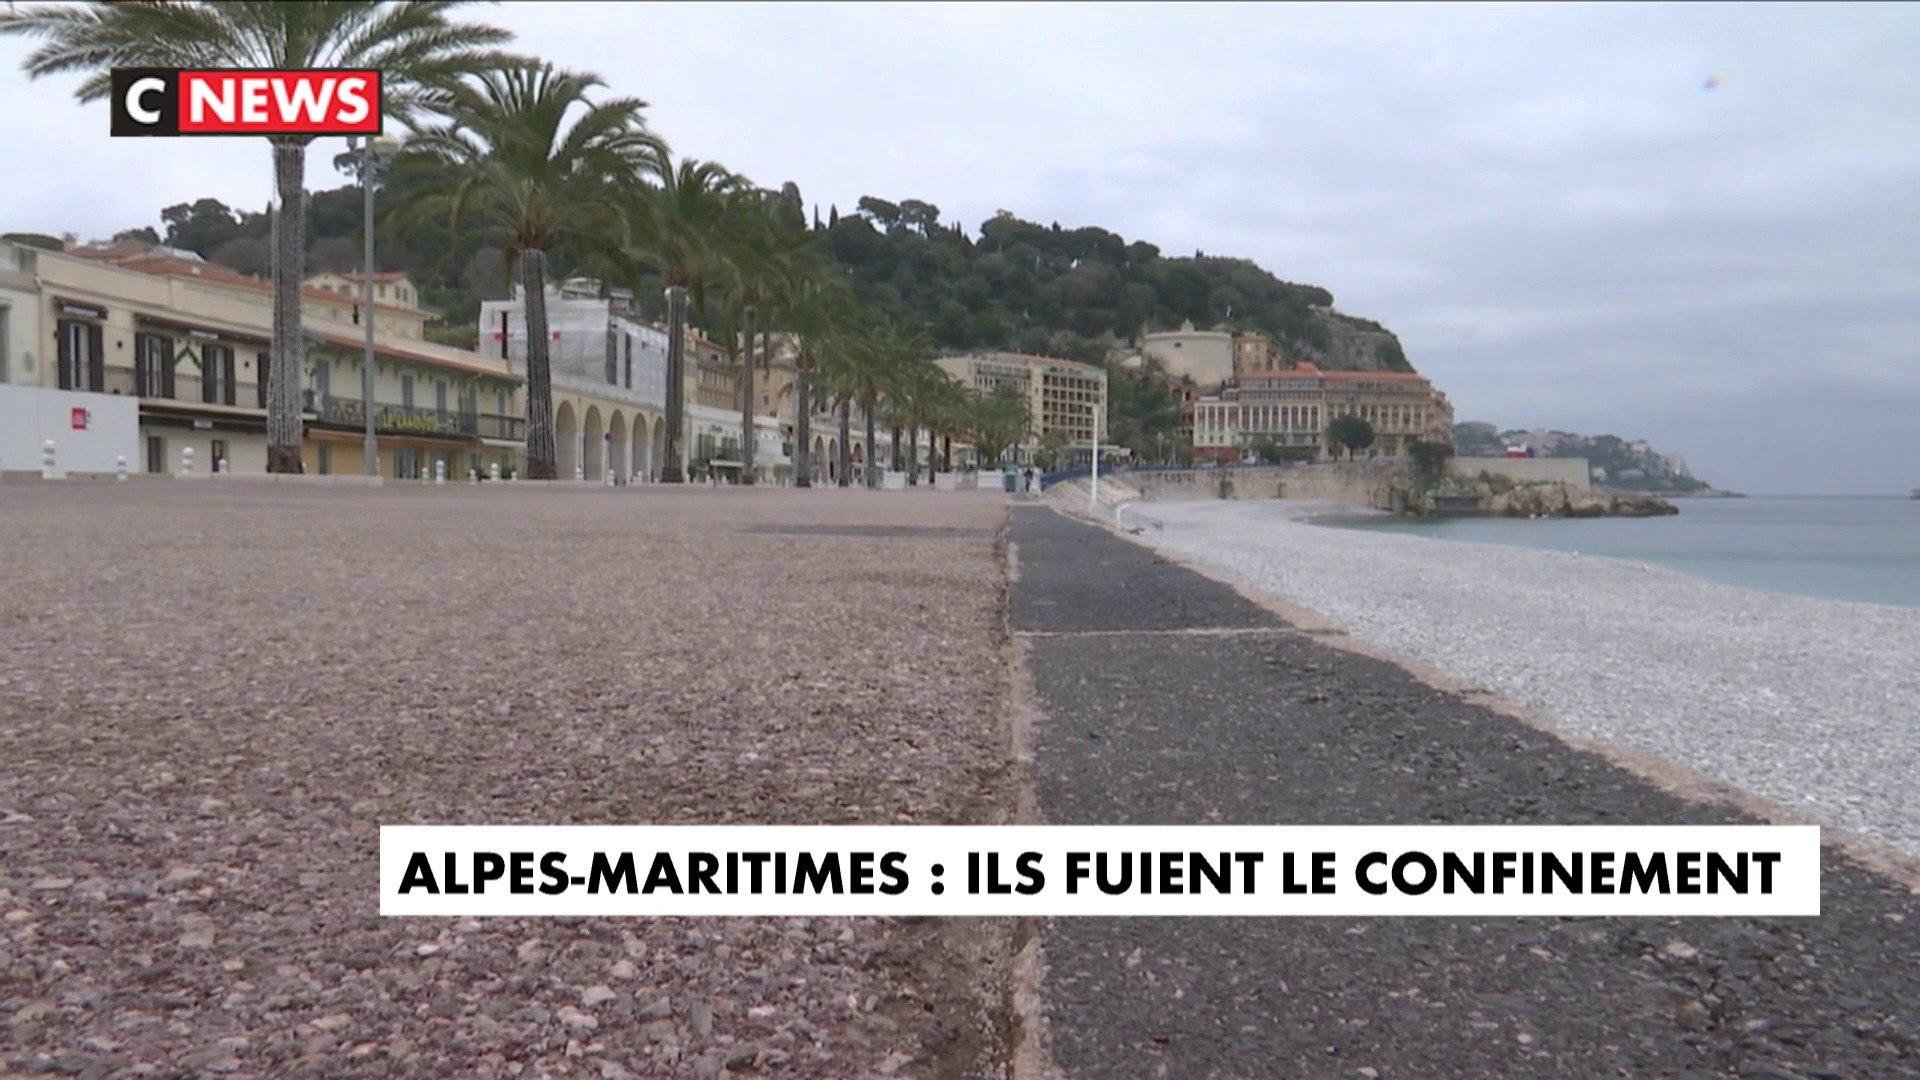 Alpes-Maritimes : ils fuient le confinement